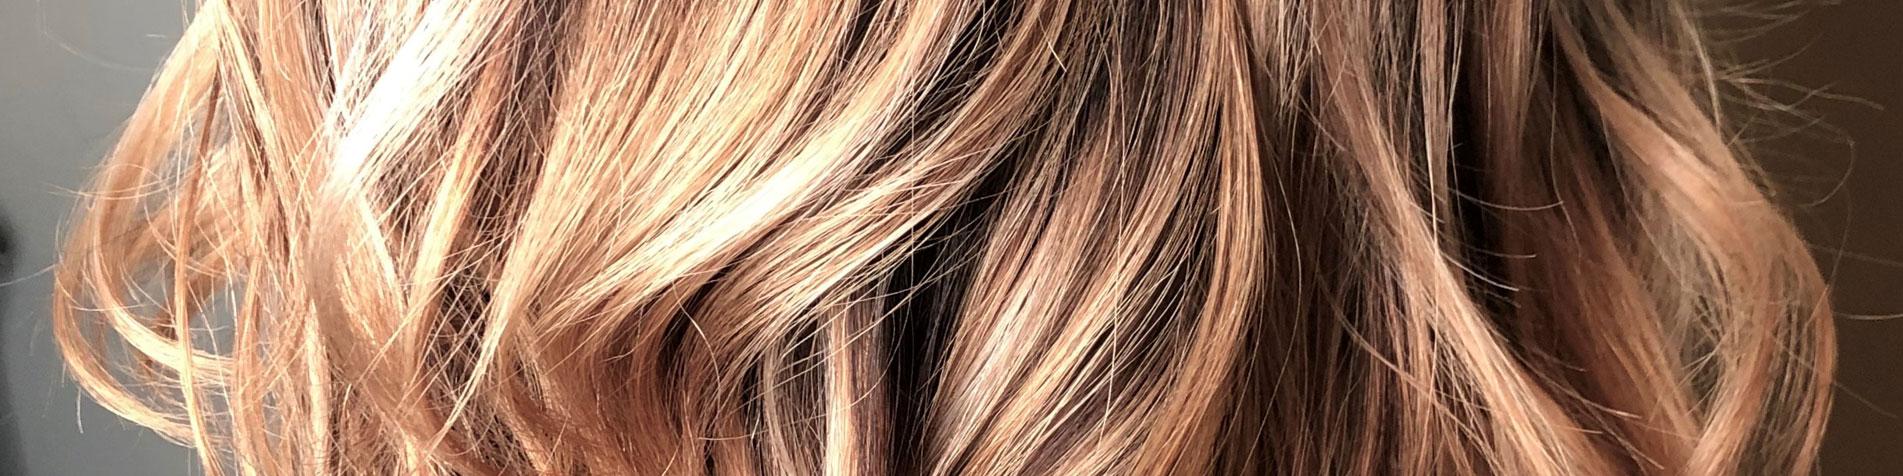 Ombre Curls Cut